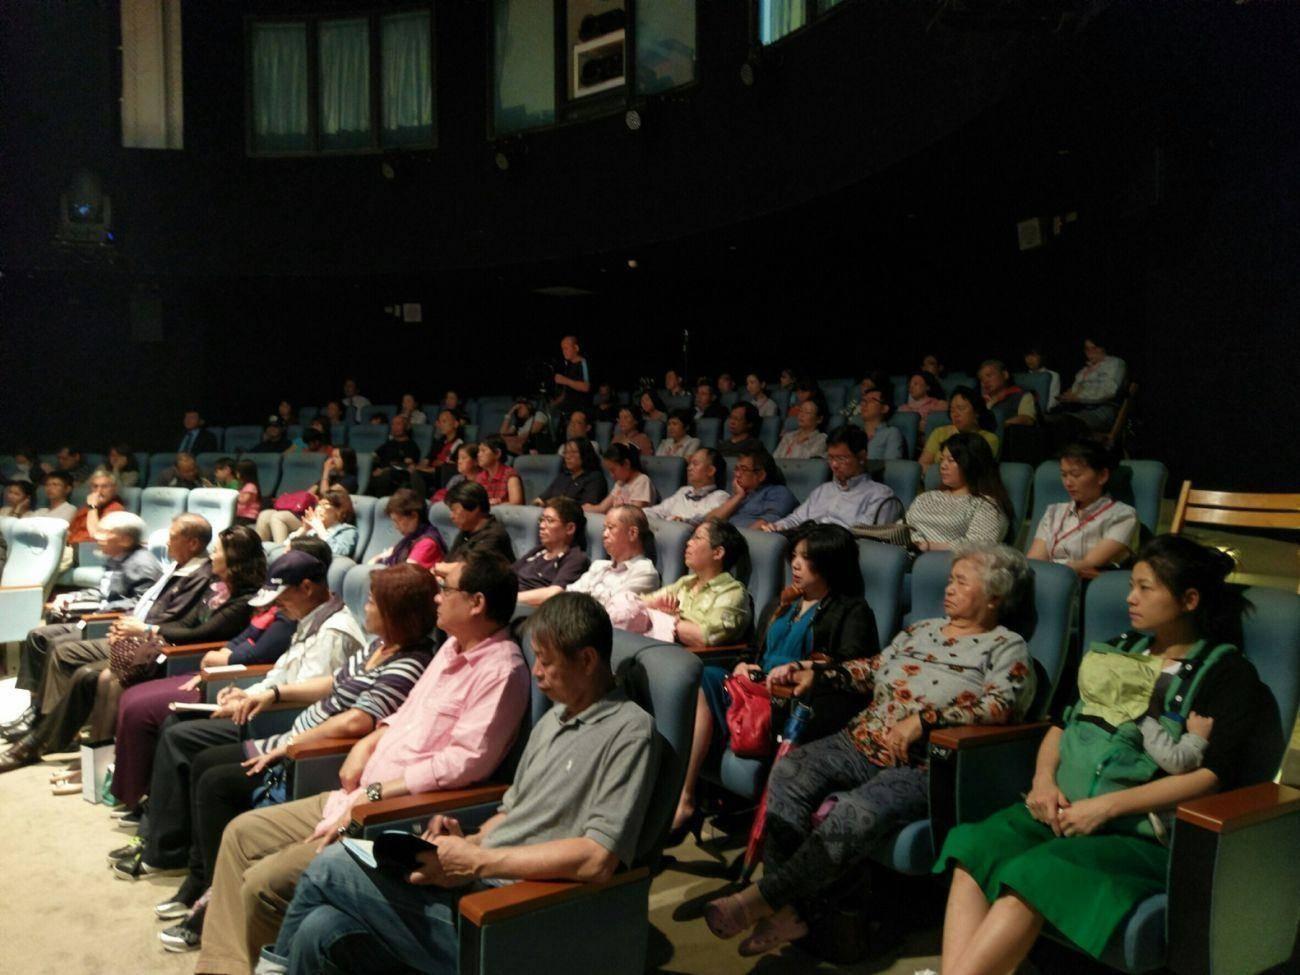 張董事長與聽眾互動,接受聽眾的提問! 風趣特殊的回答,觸動聽眾內心,引發聽眾深深思考!